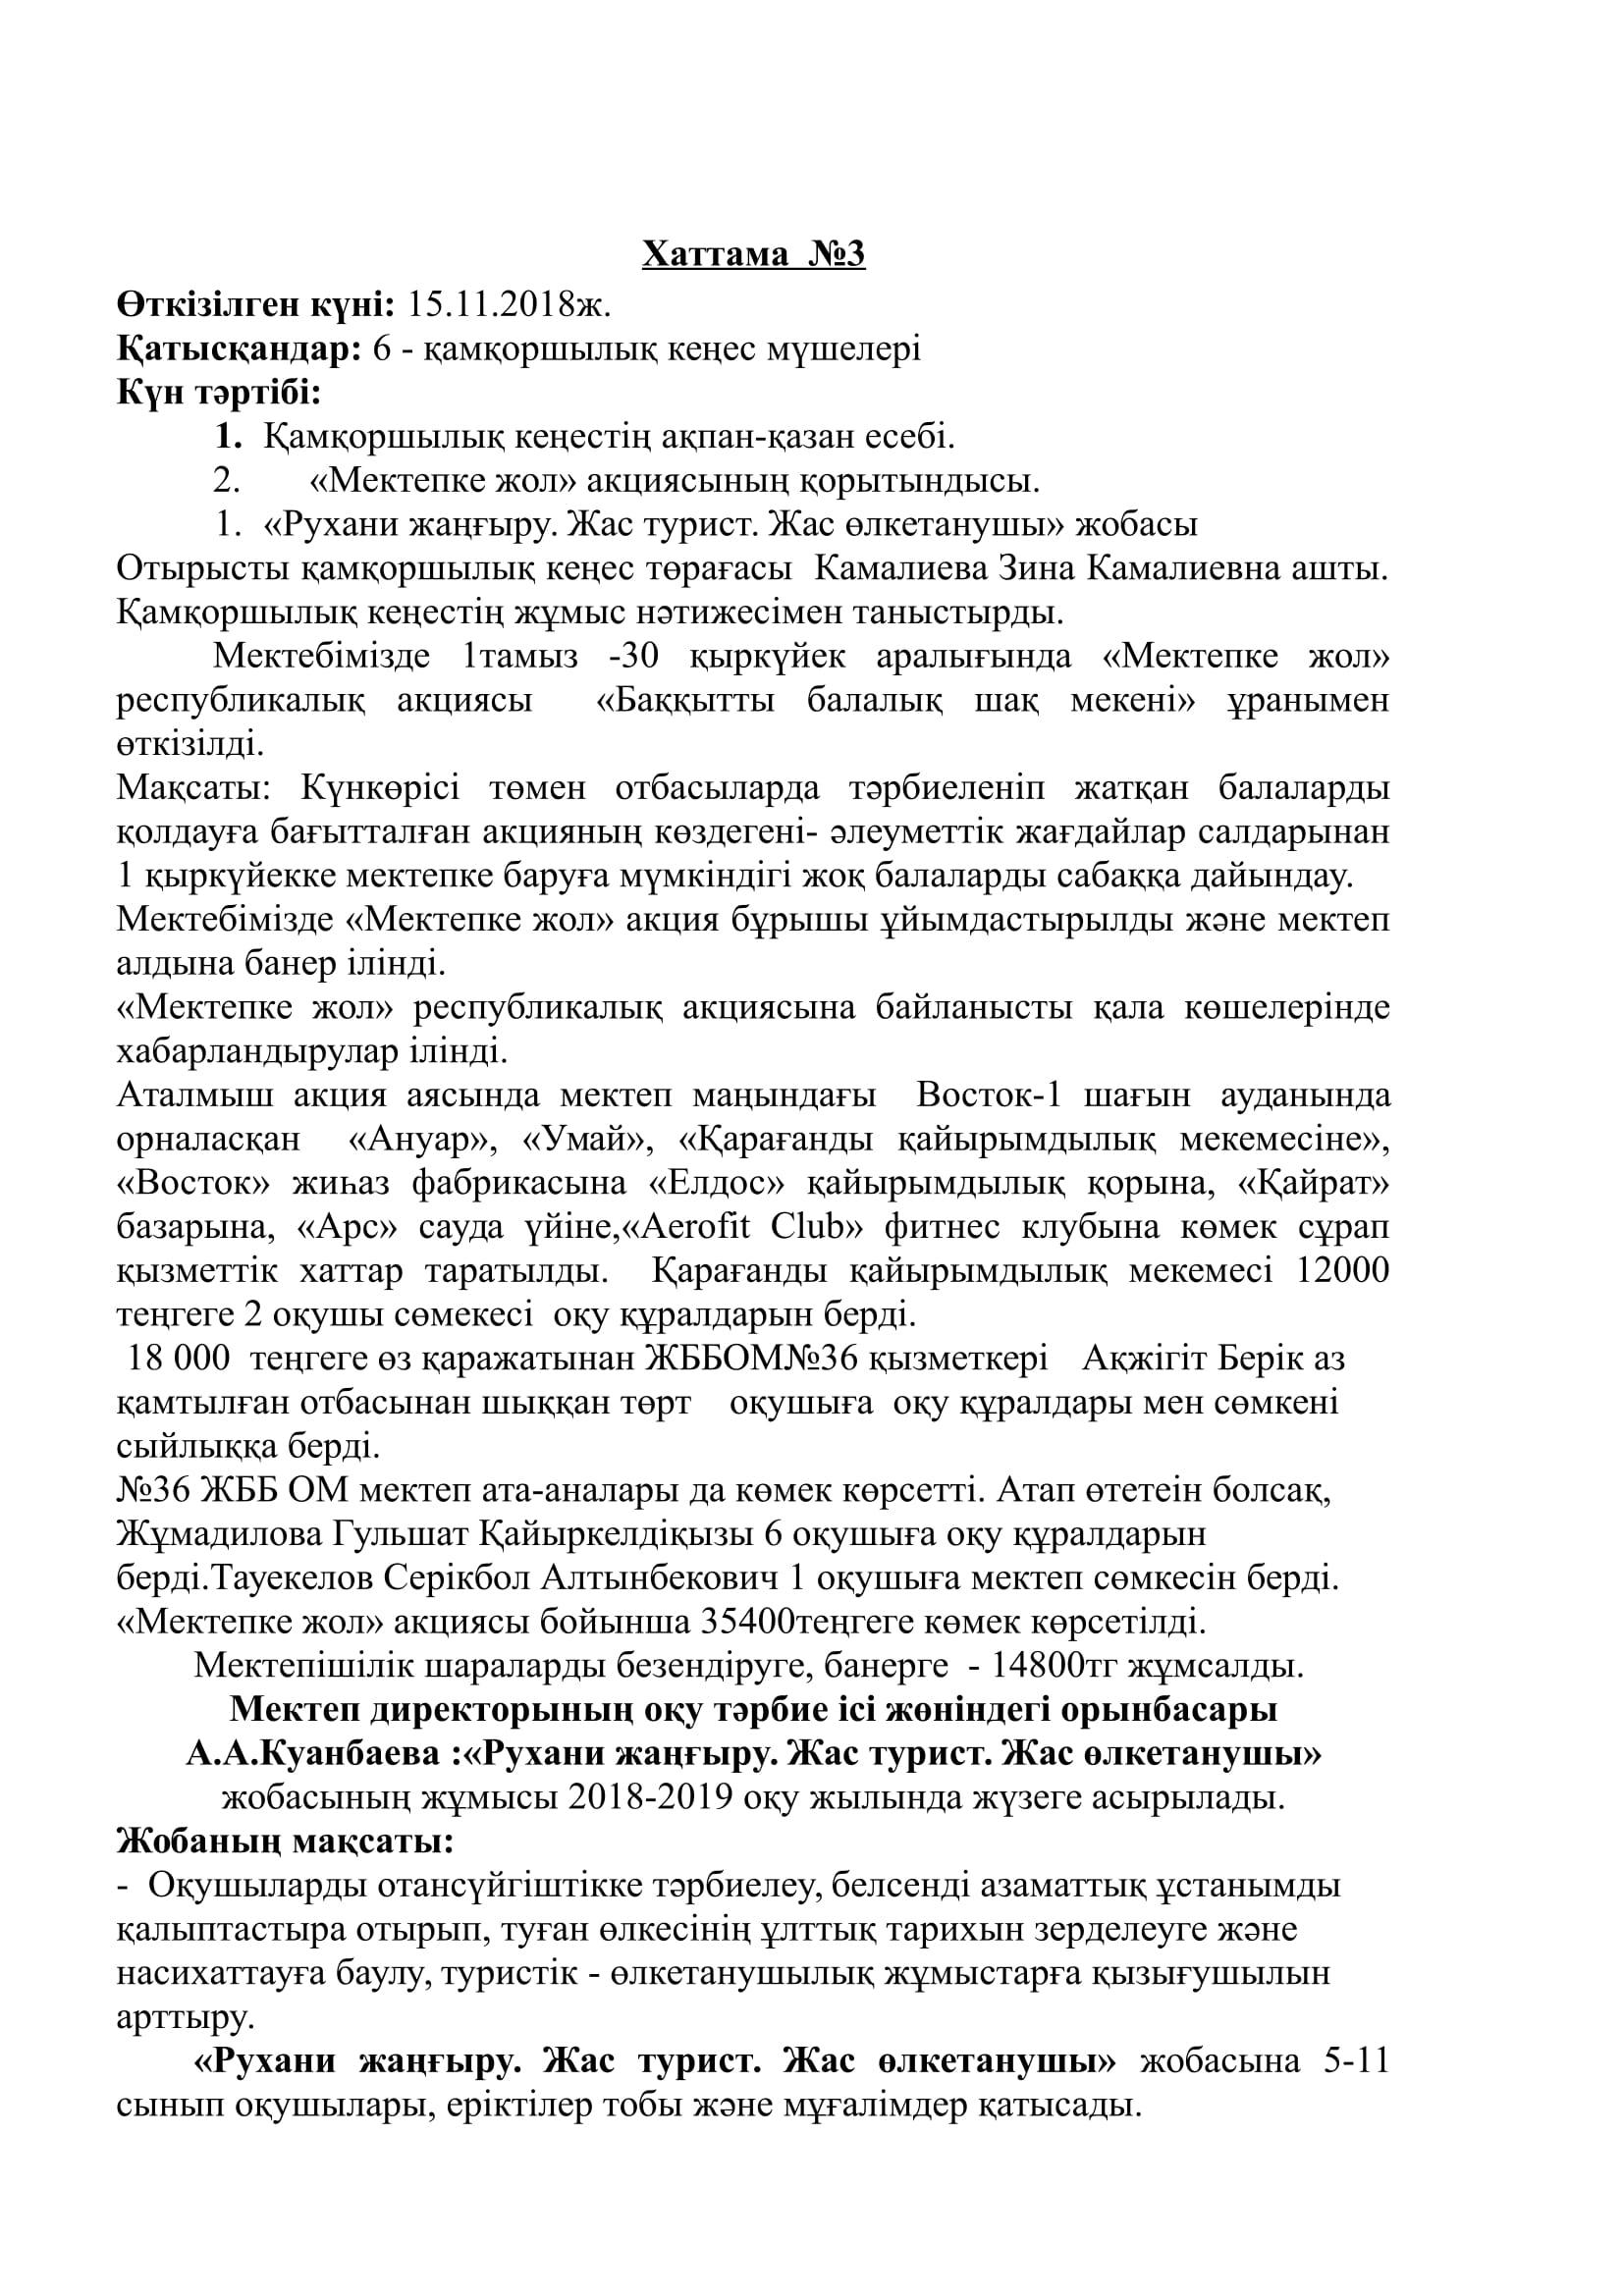 СОШ№36 ХАТТАМА — 2018-2019-10.jpg